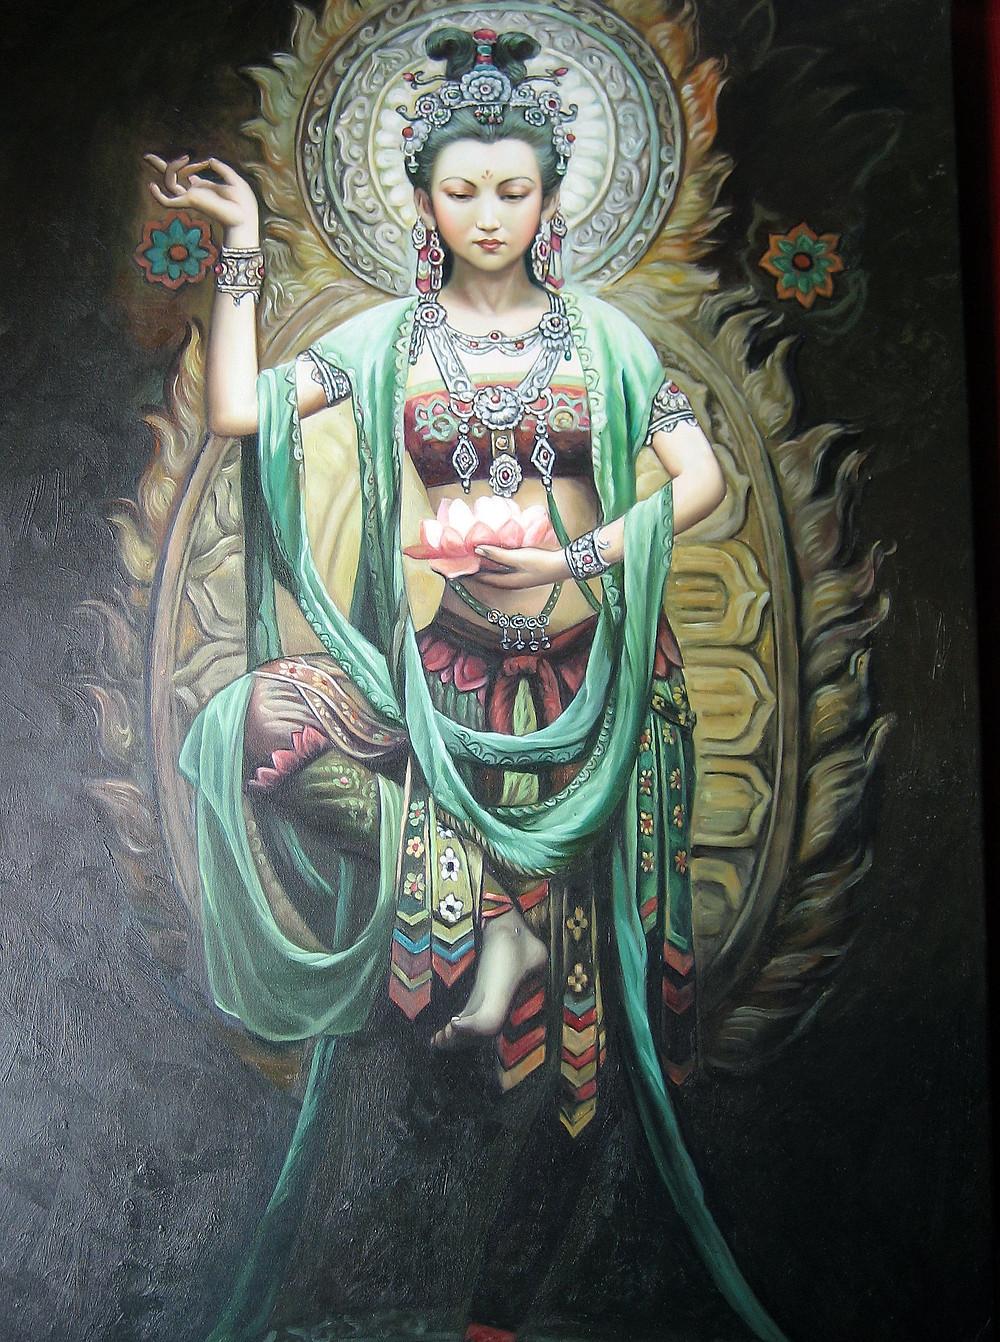 Kwan Yin (or Guanyin) by Phaedri